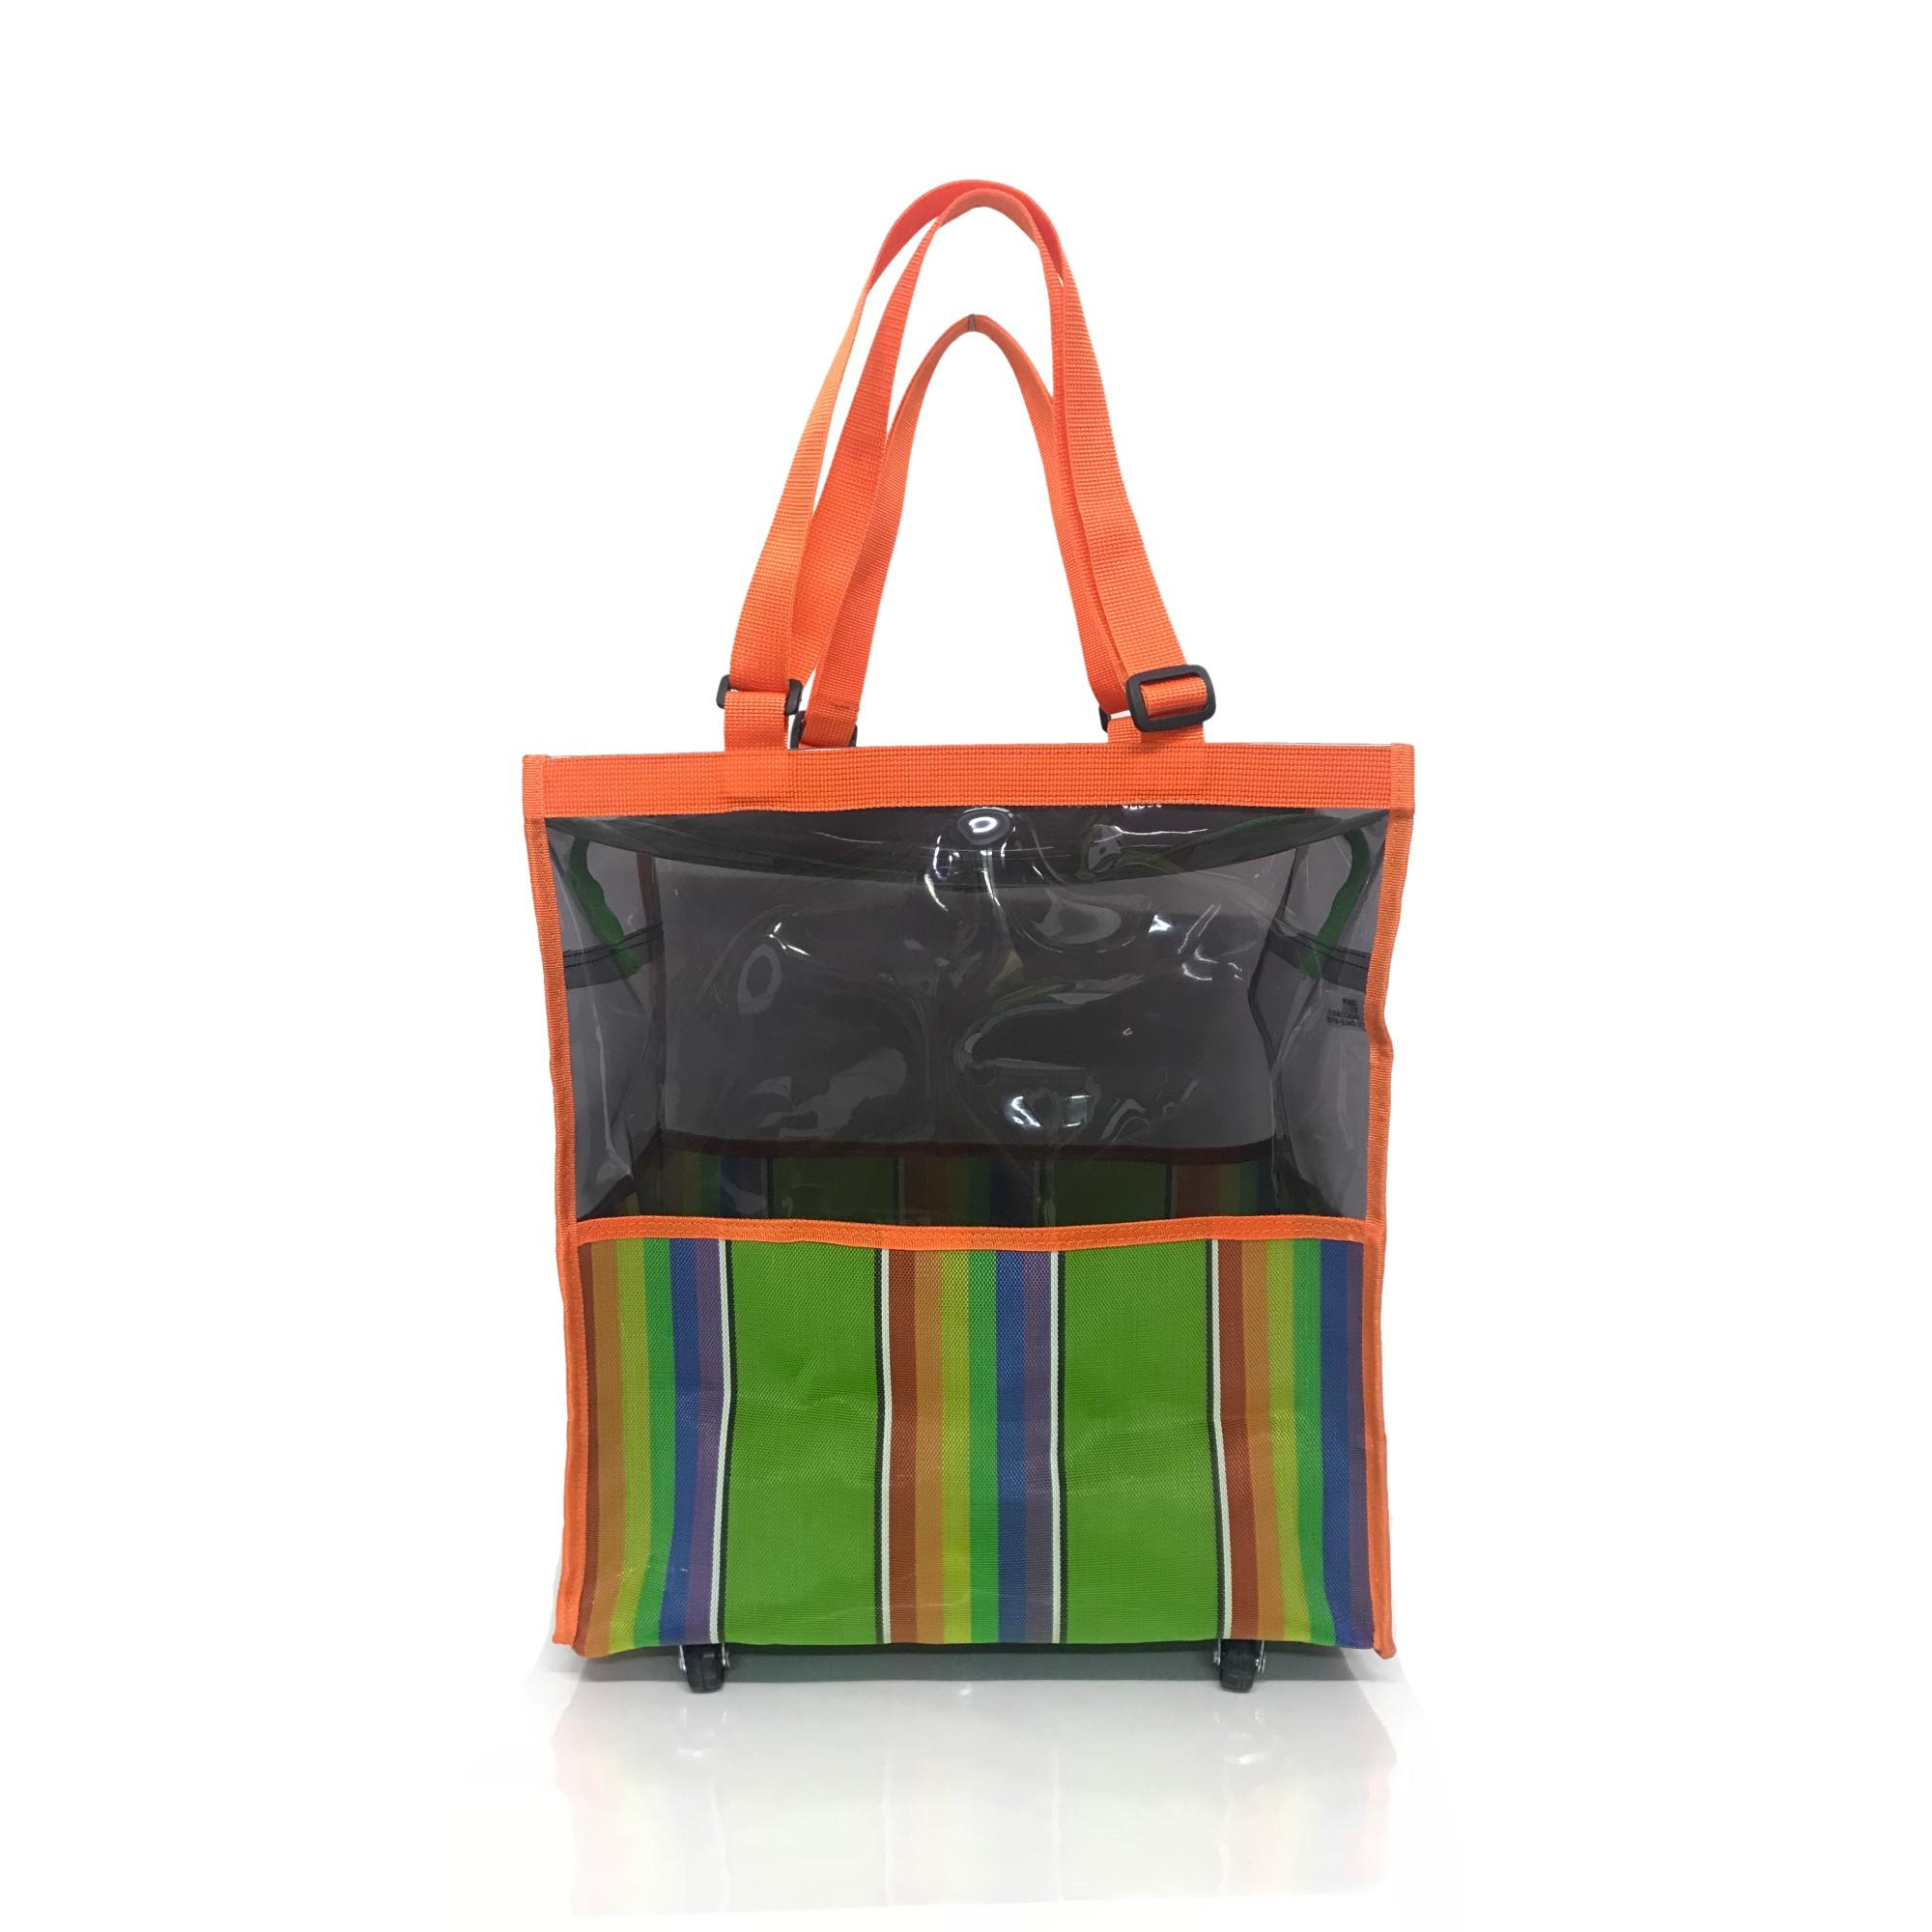 prezzo basso prezzo all'ingrosso beni di consumo Green Rainbow Clear Folding Shopping Bag Cart with Wheels ...